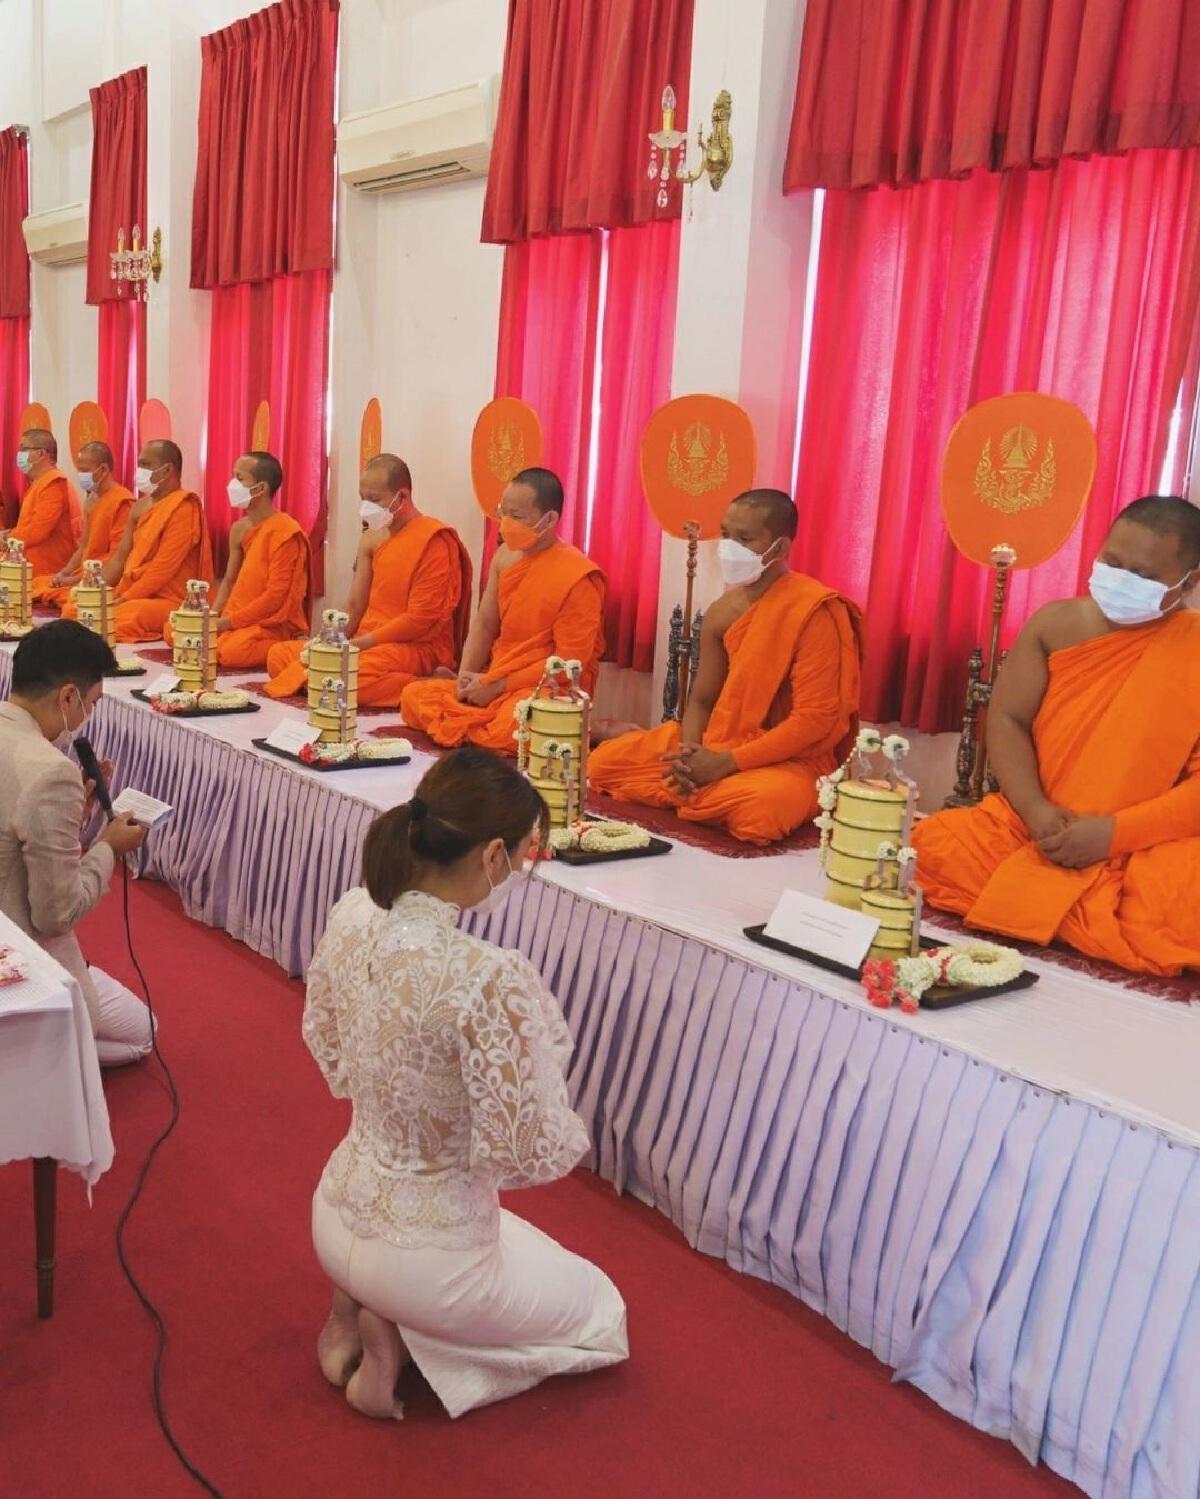 โบวี่ อัฐมา ขออุทิศบุญเพื่อชาติ เชิญชวนคนไทยเข้าวัด หลังคลายล็อกดาวน์